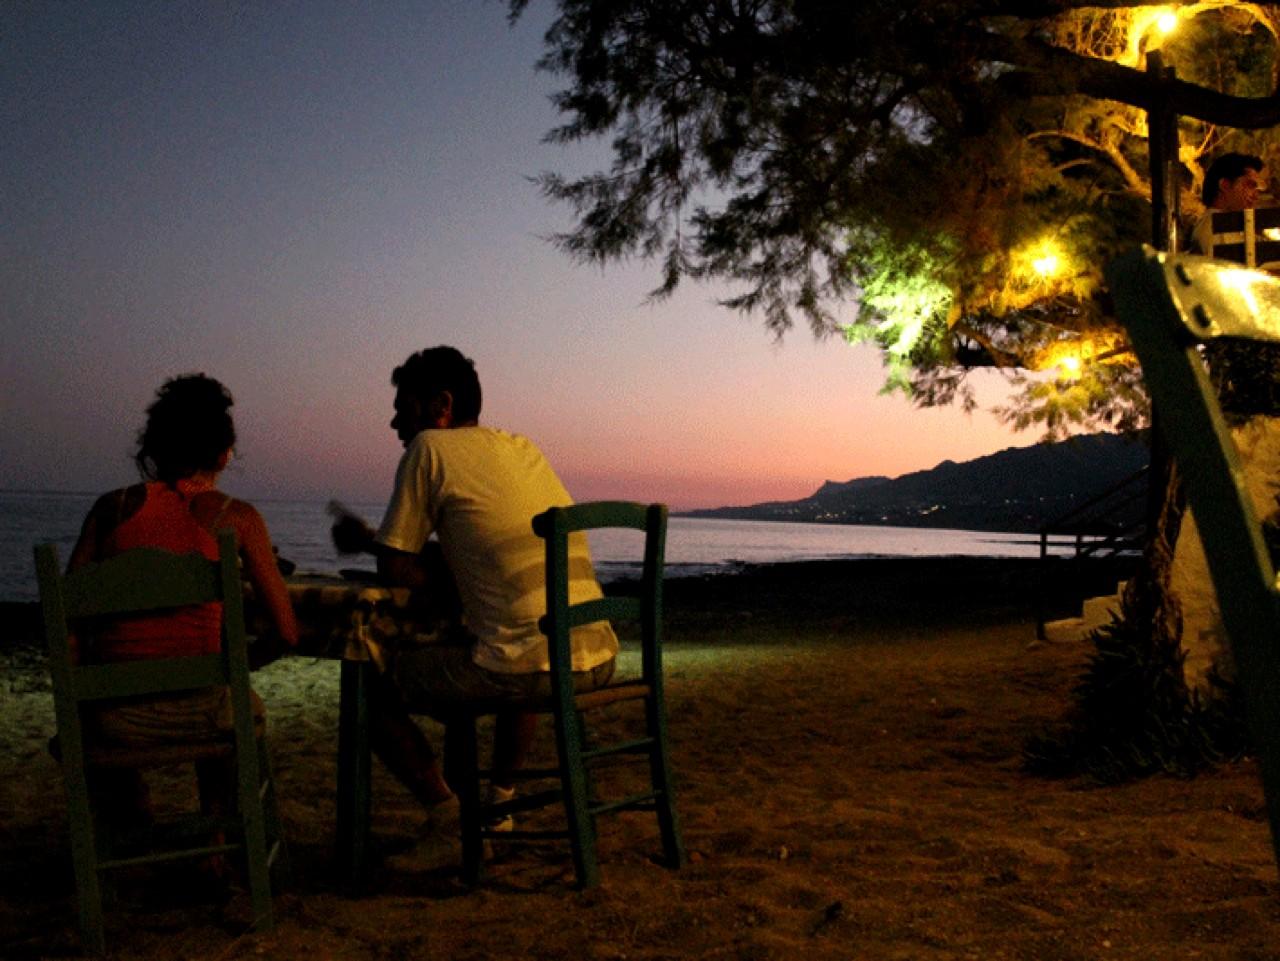 kaliotzina tavern koutsouras, kaliotzina restaurant koutsouras makrigialos, south east crete kaliotzina, where to eat lasithi, best restaurants east crete, gastronomy east crete